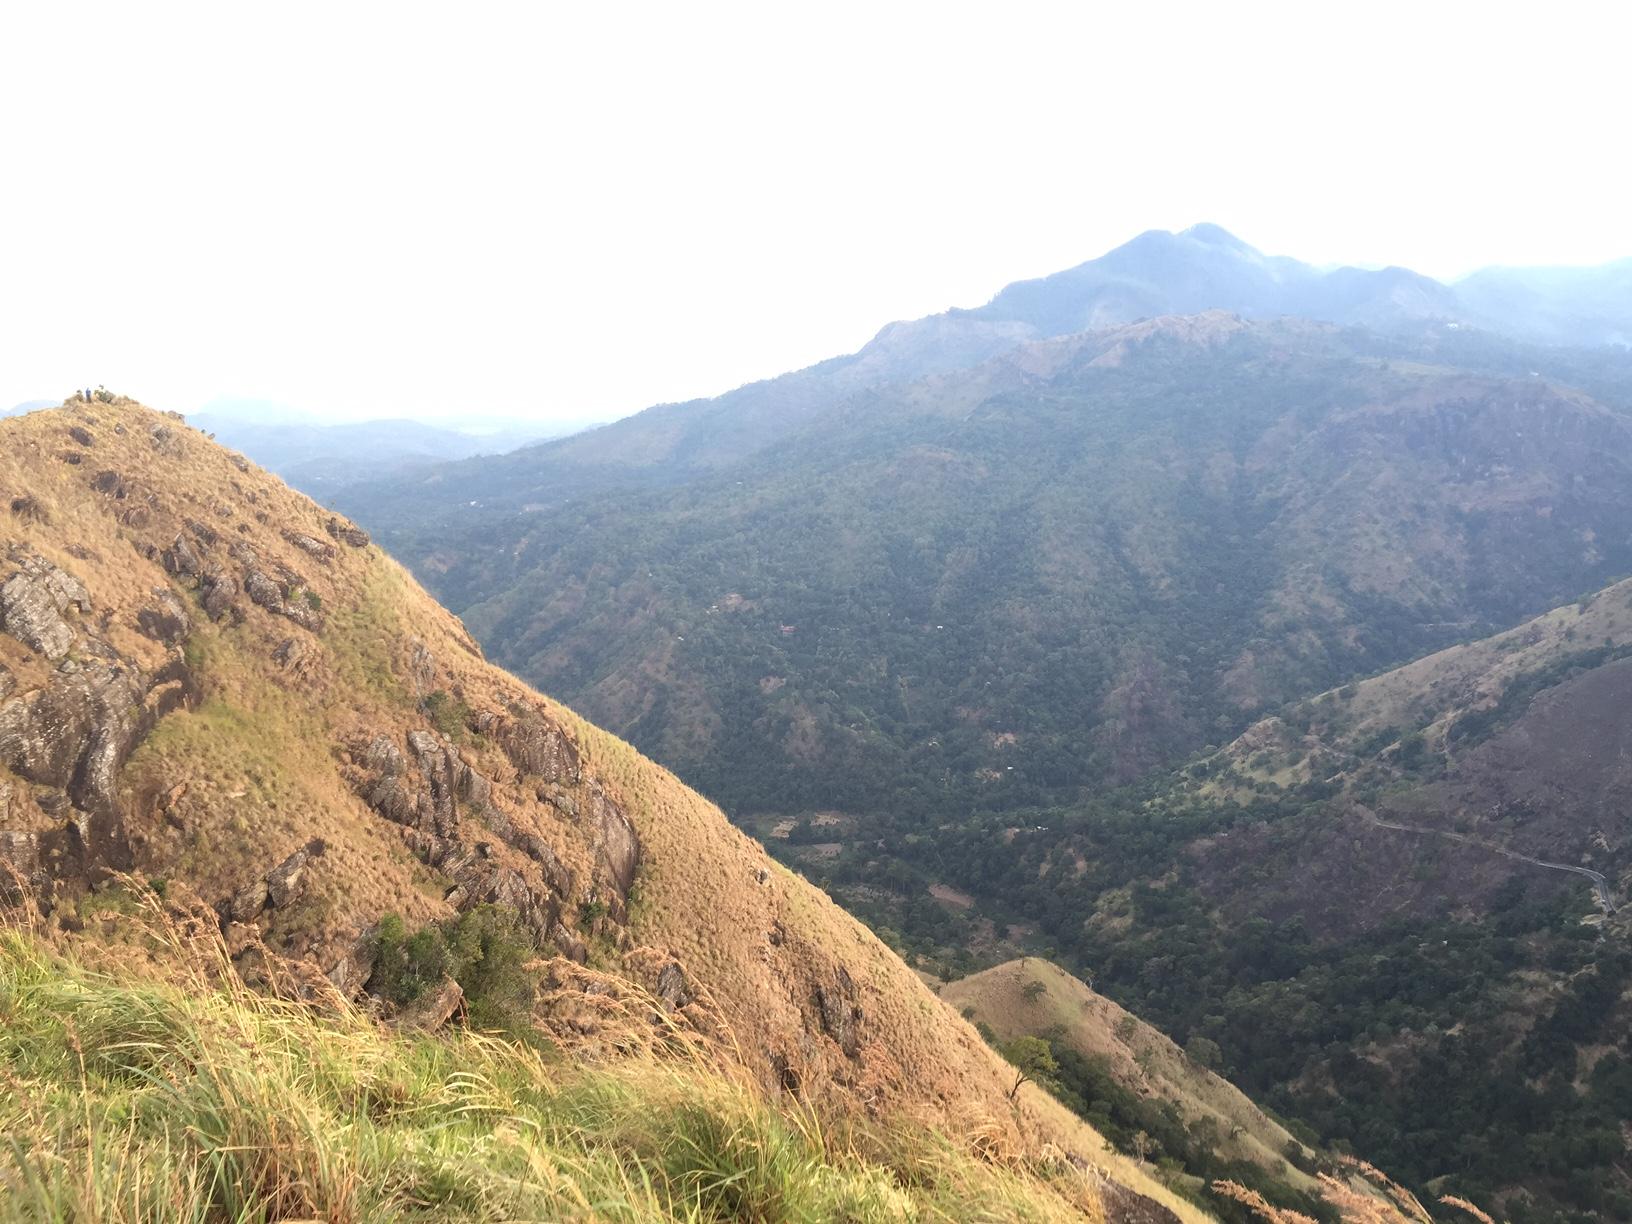 View at Little Adam's Peak